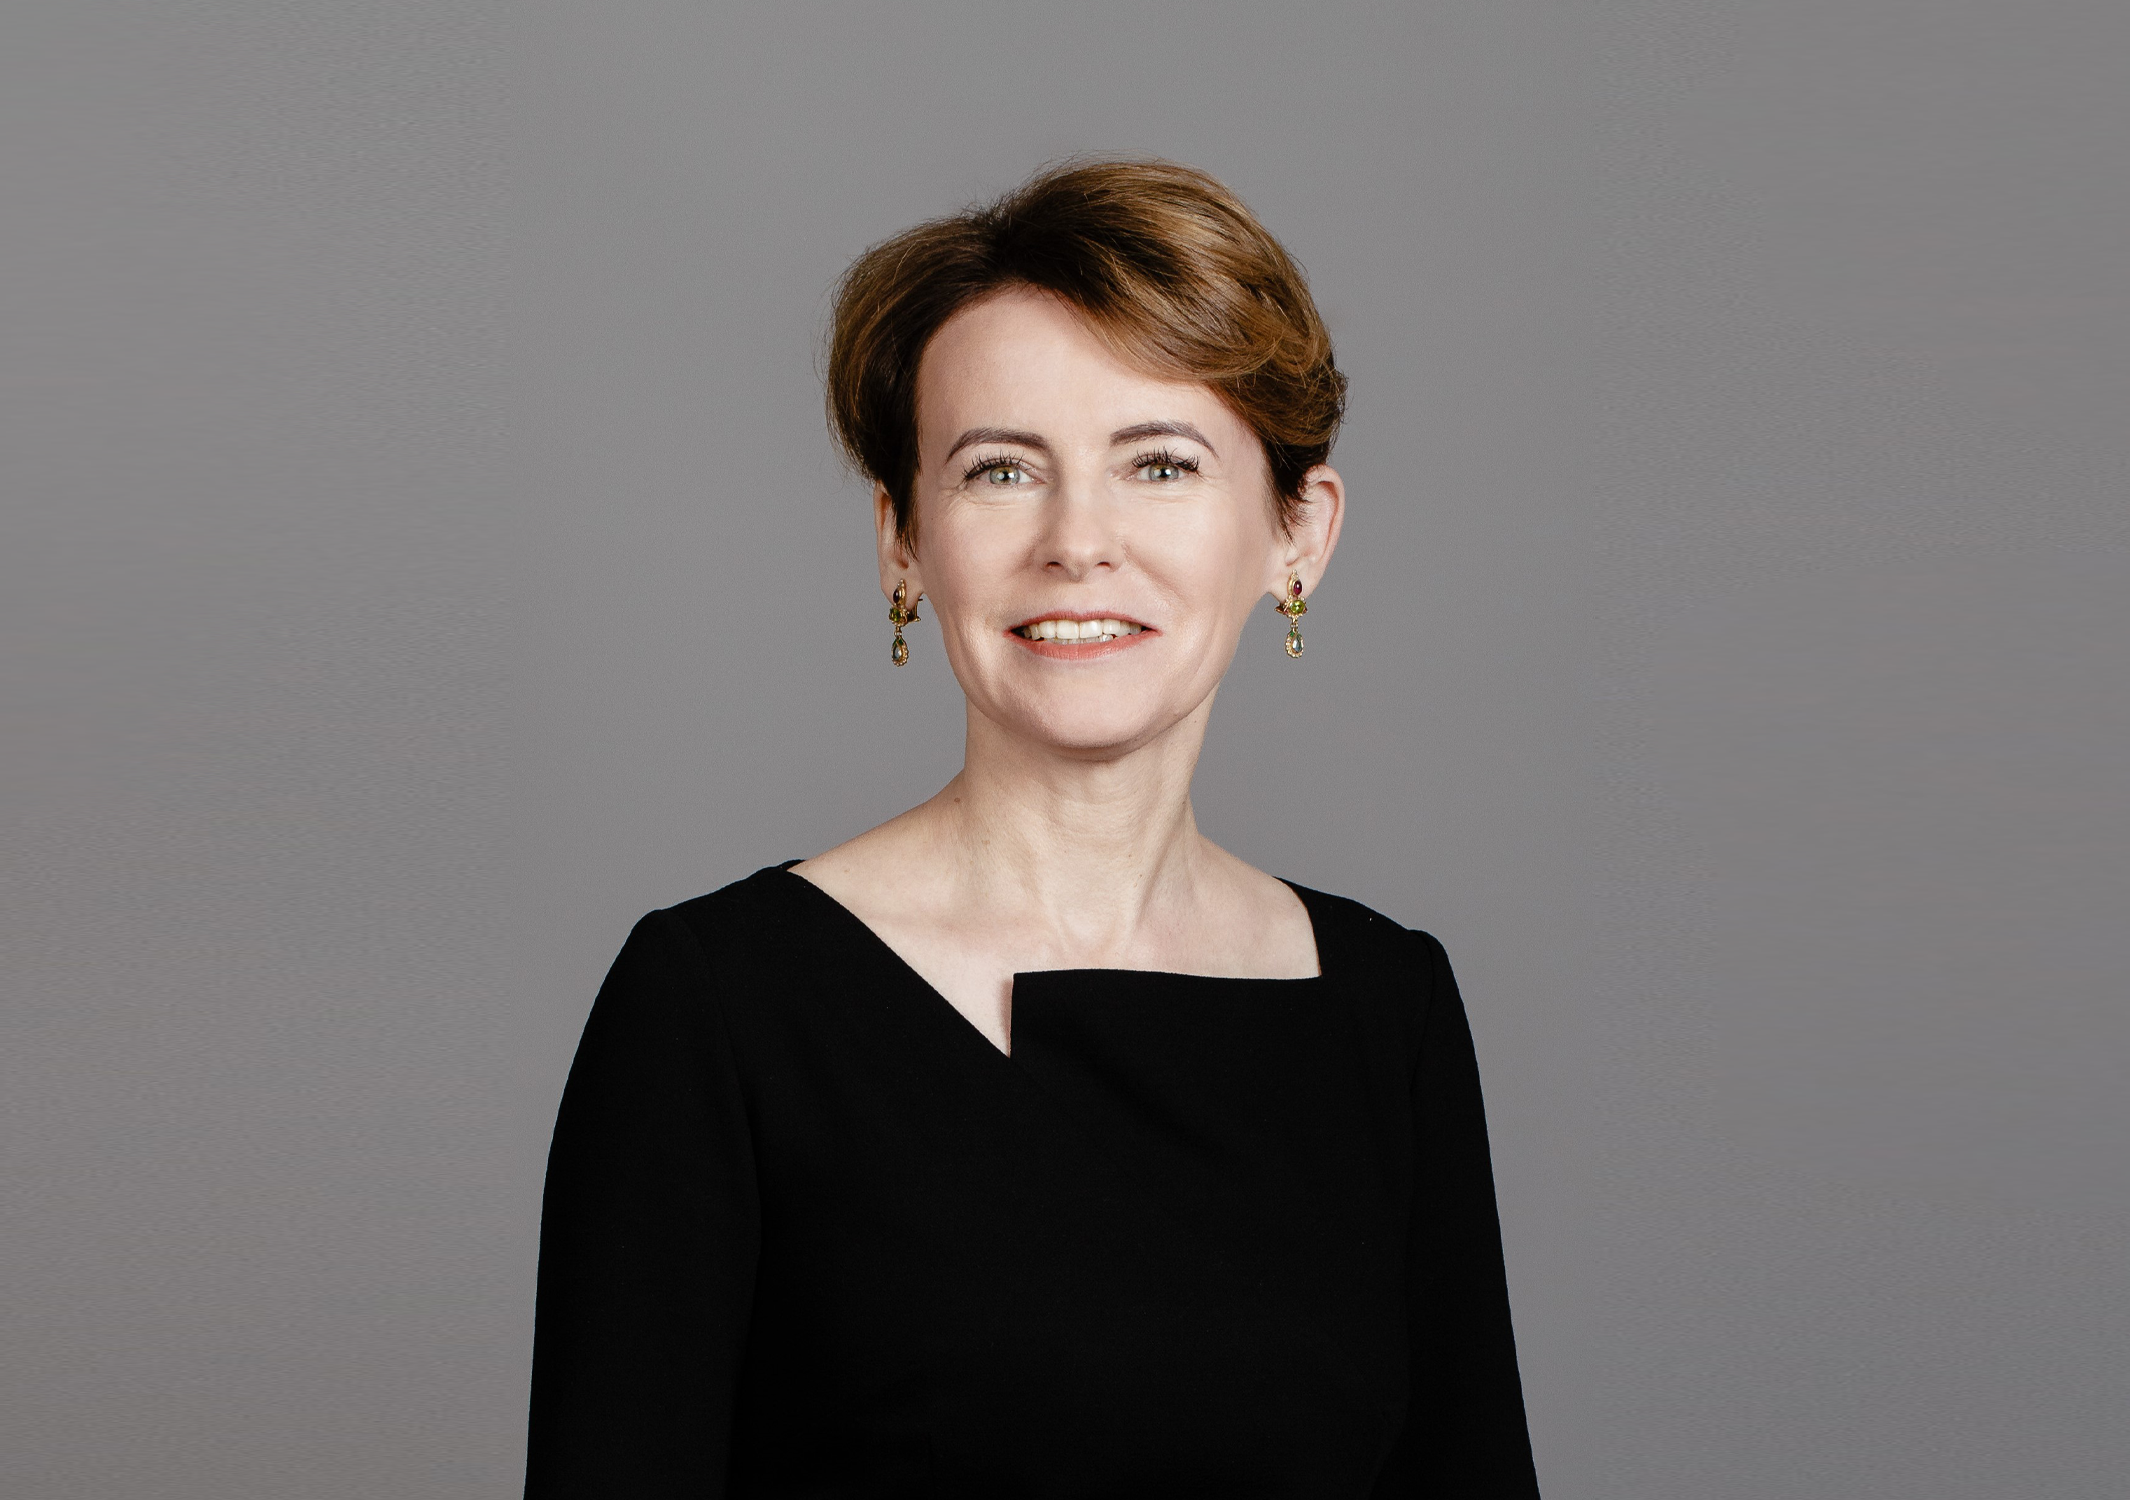 Marija Golubeva: Agrīnais izvērtējums ļaus savlaikus atpazīt iespējamus bērna attīstības traucējumus un sniegt atbalstu